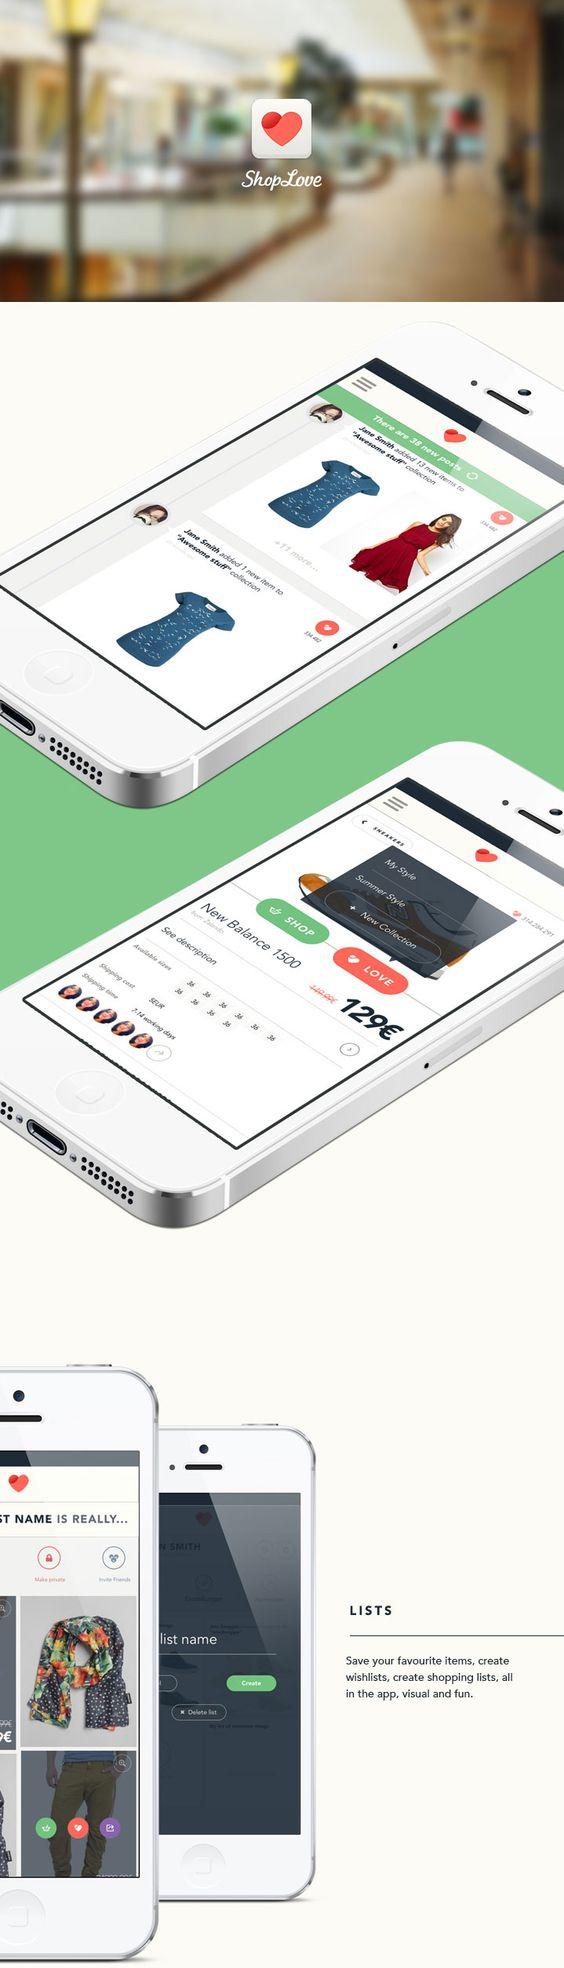 ShopLove UI design